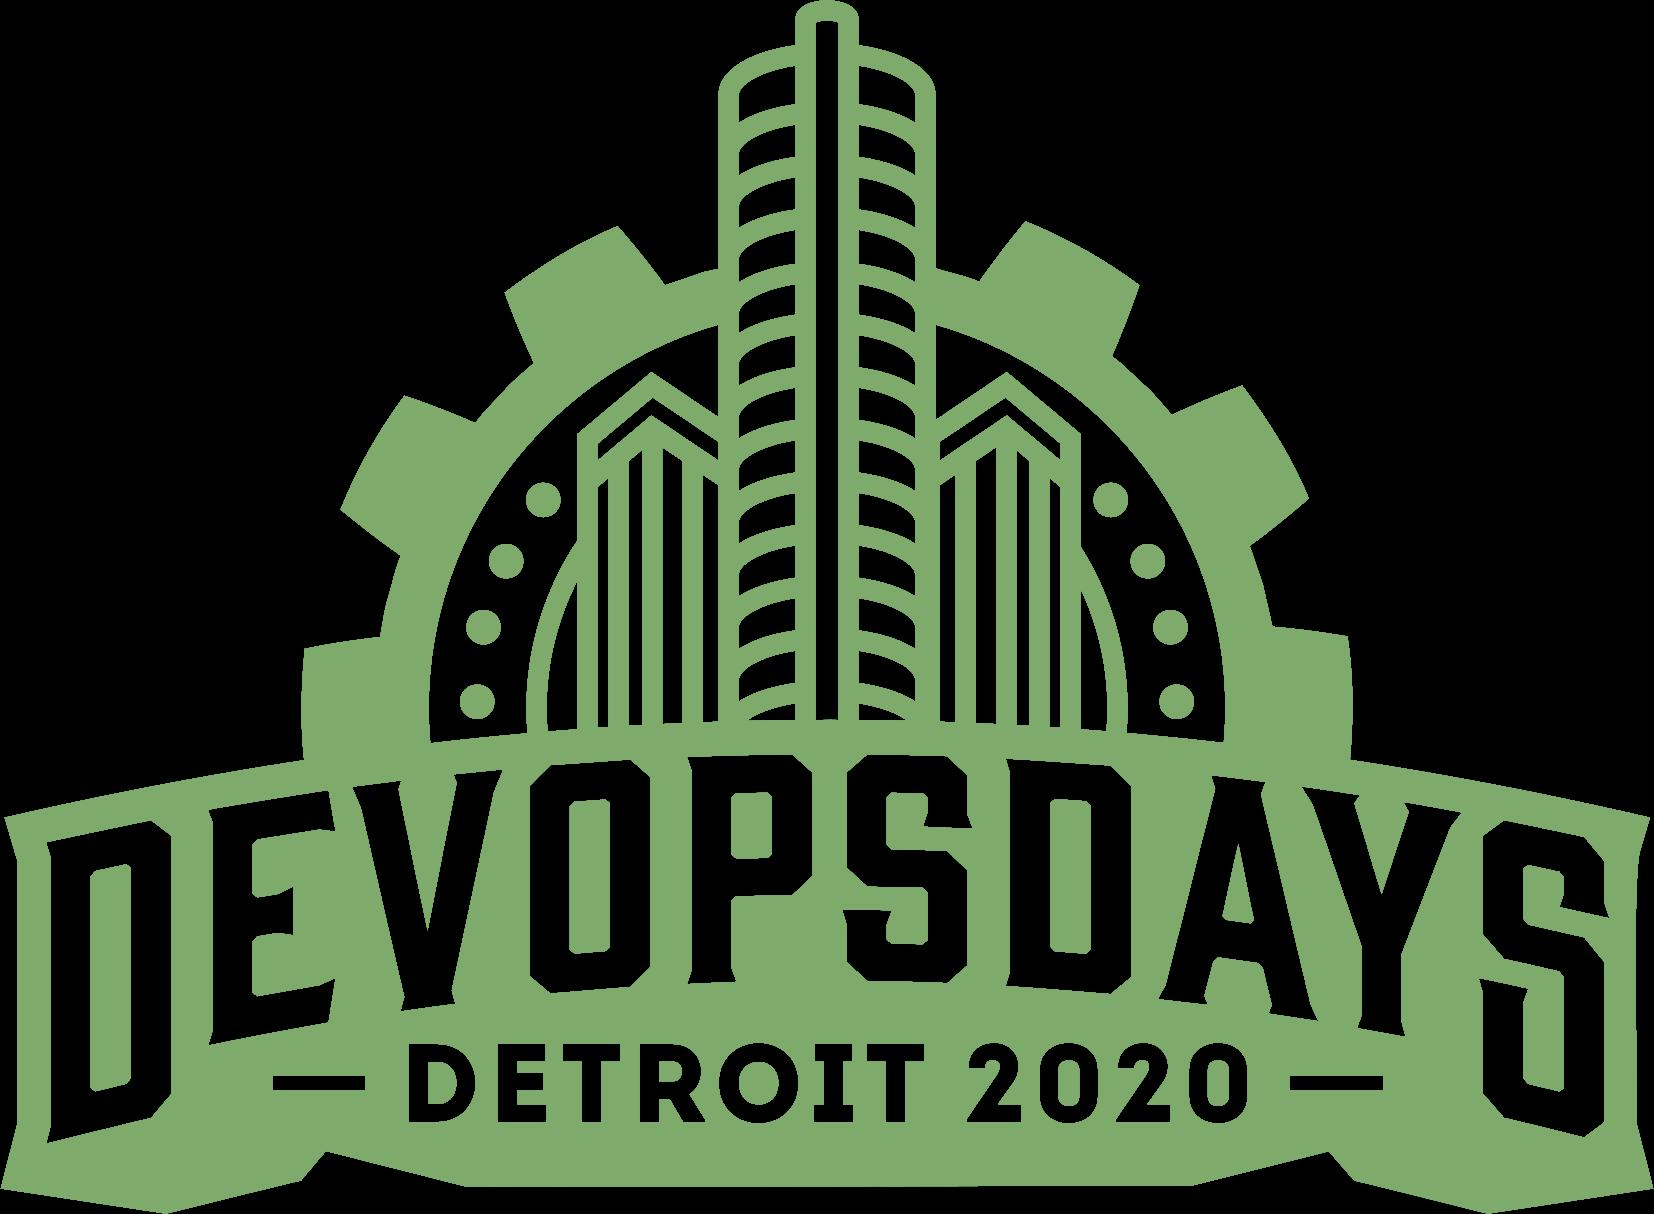 devopsdays Detroit 2020